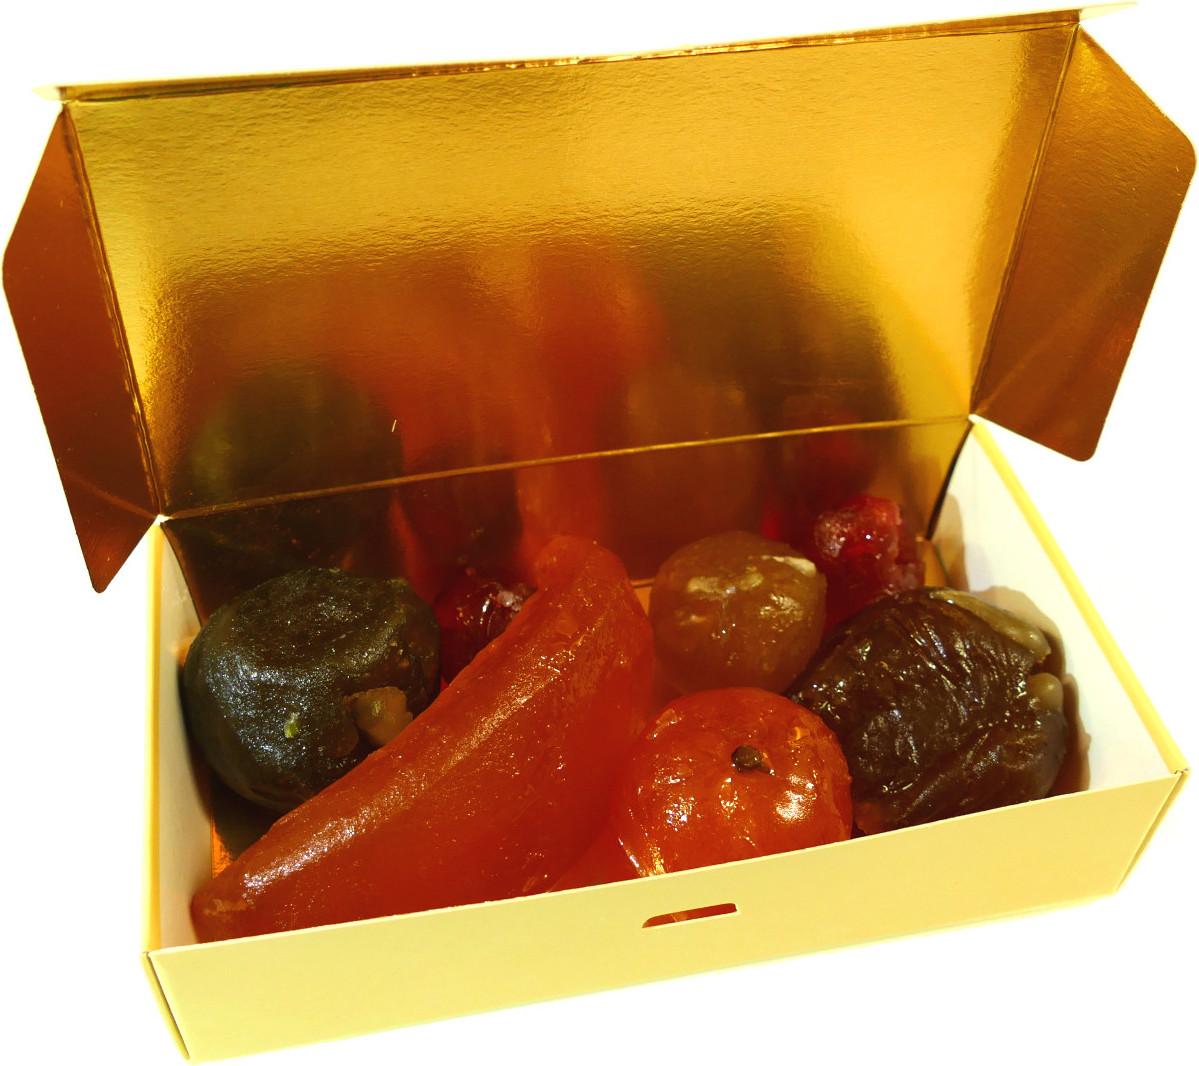 BALLOTIN BOX OF AMANDAS AND AVELINAS IN PRALINE AND ICING SUGAR 375G